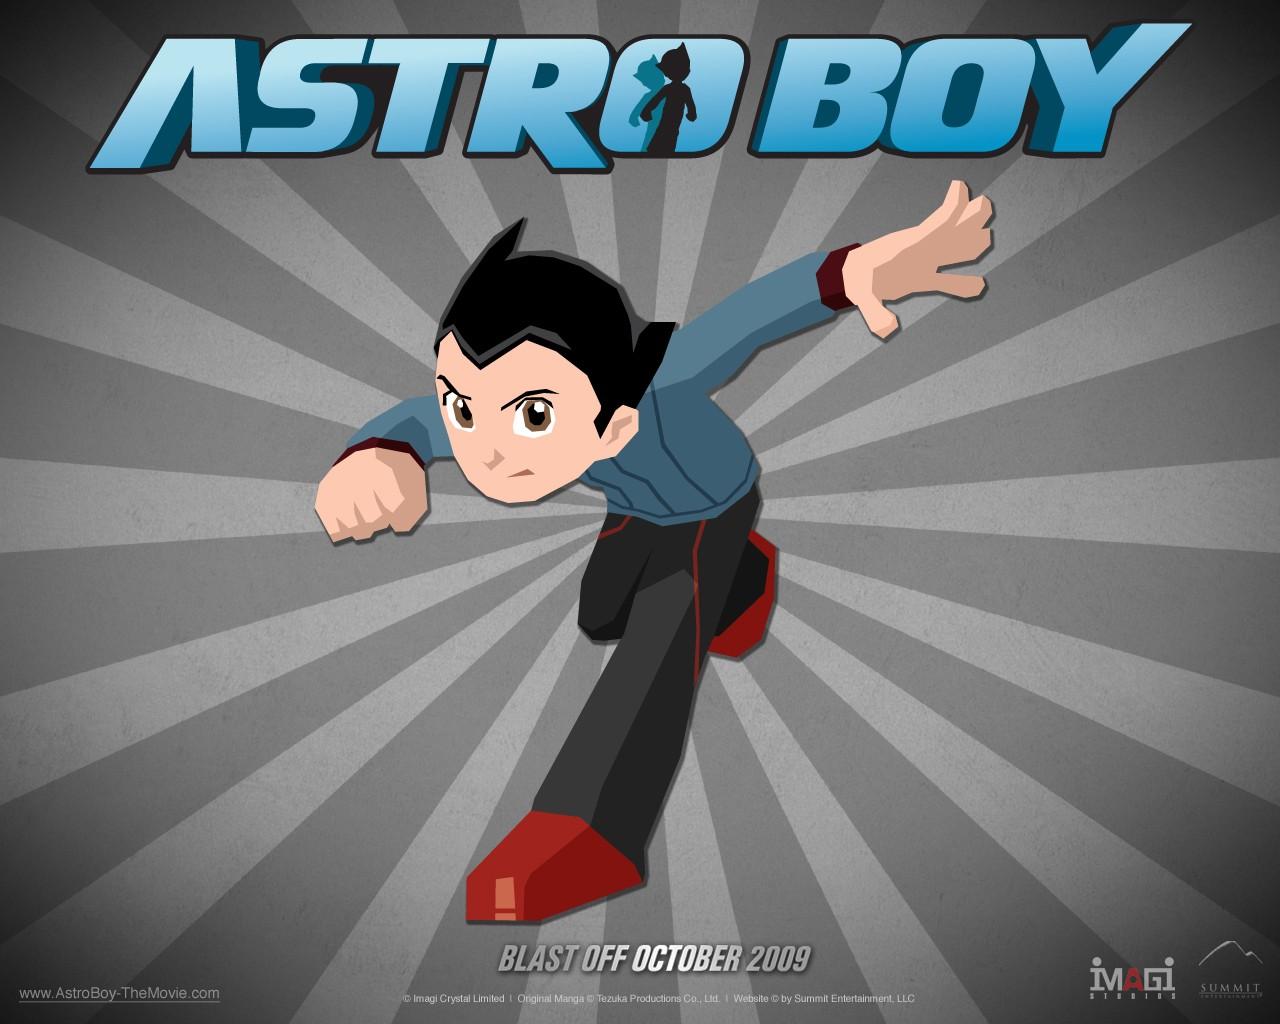 Wallpaper del film d'animazione Astro Boy